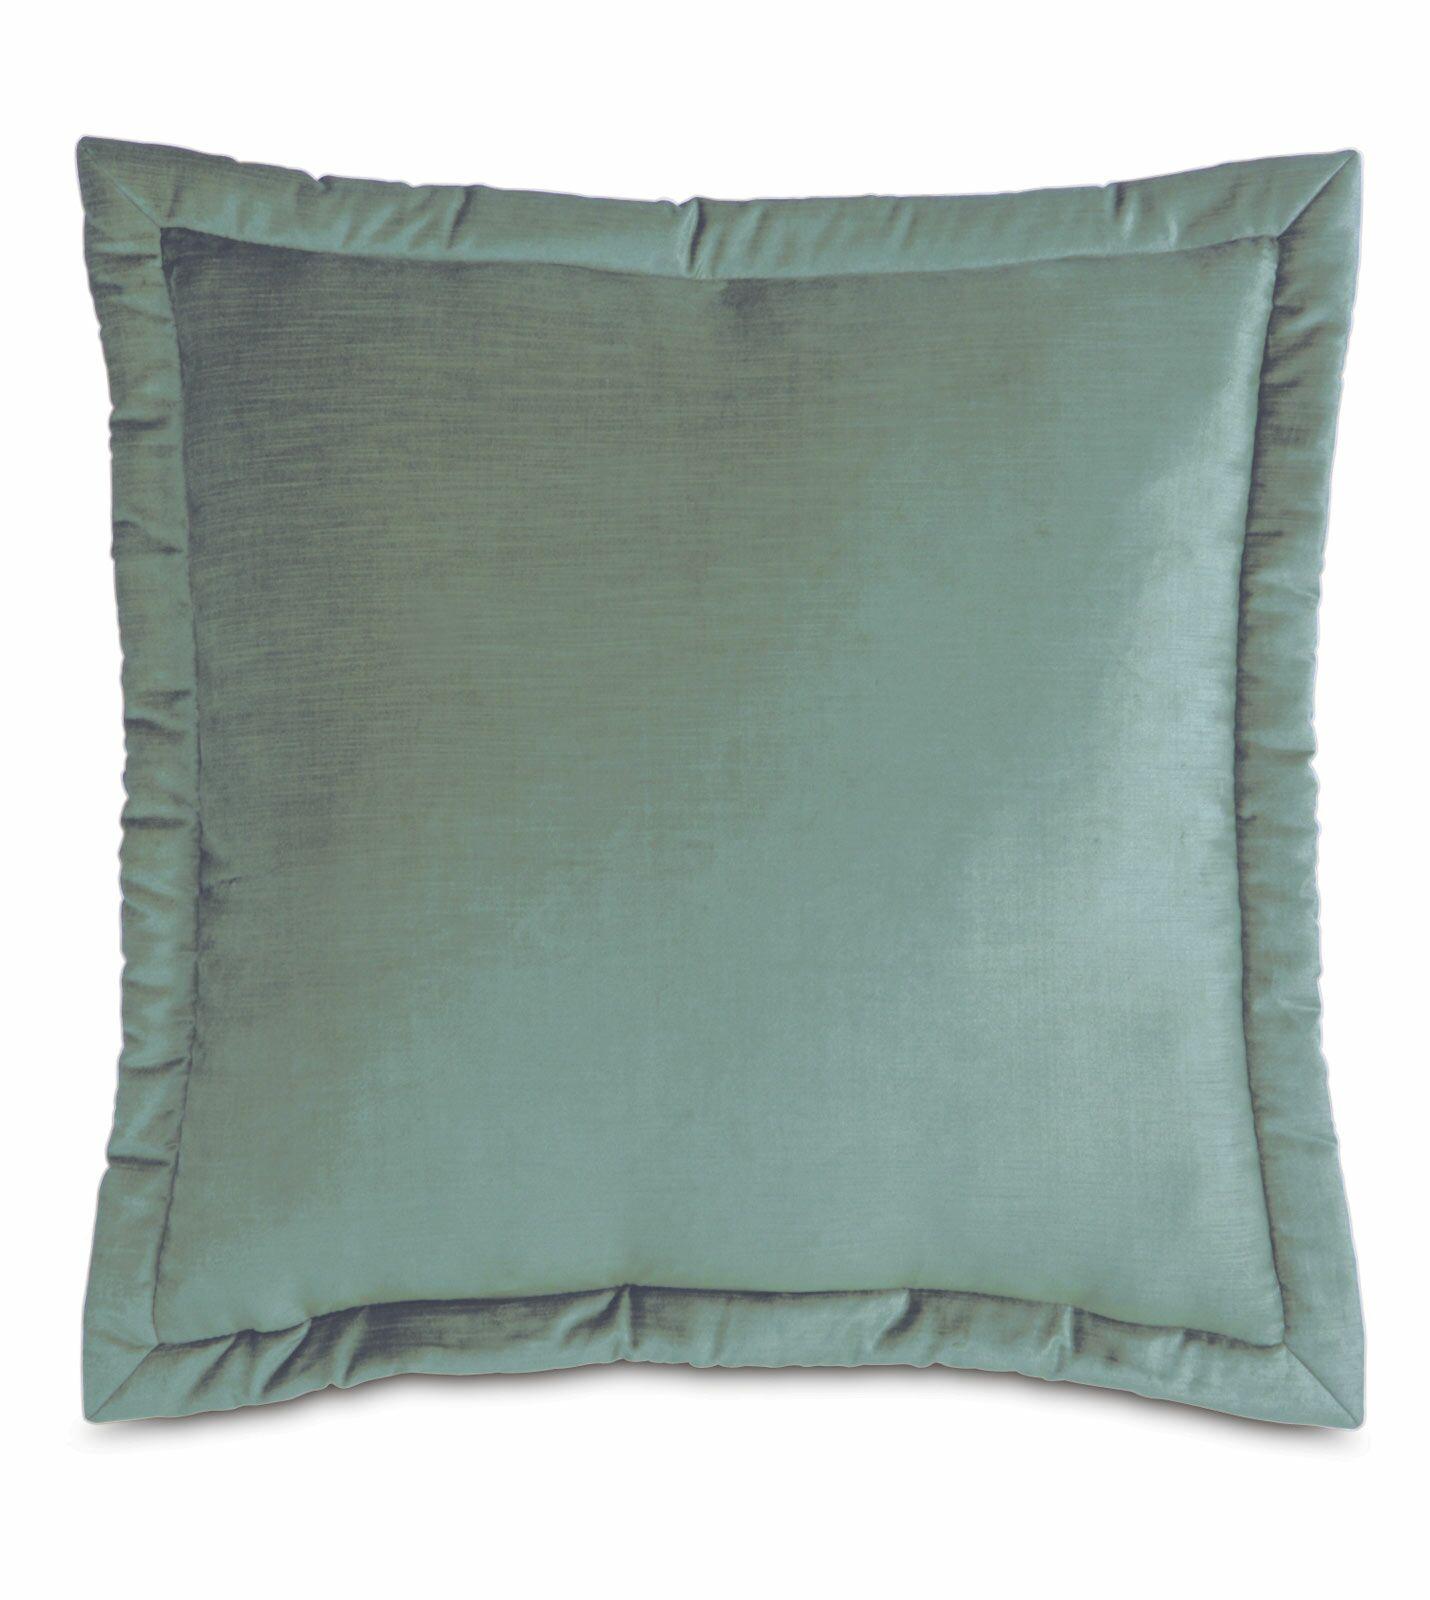 Lucerne Reuss Mitered Flange Velvet Sham Size: 21